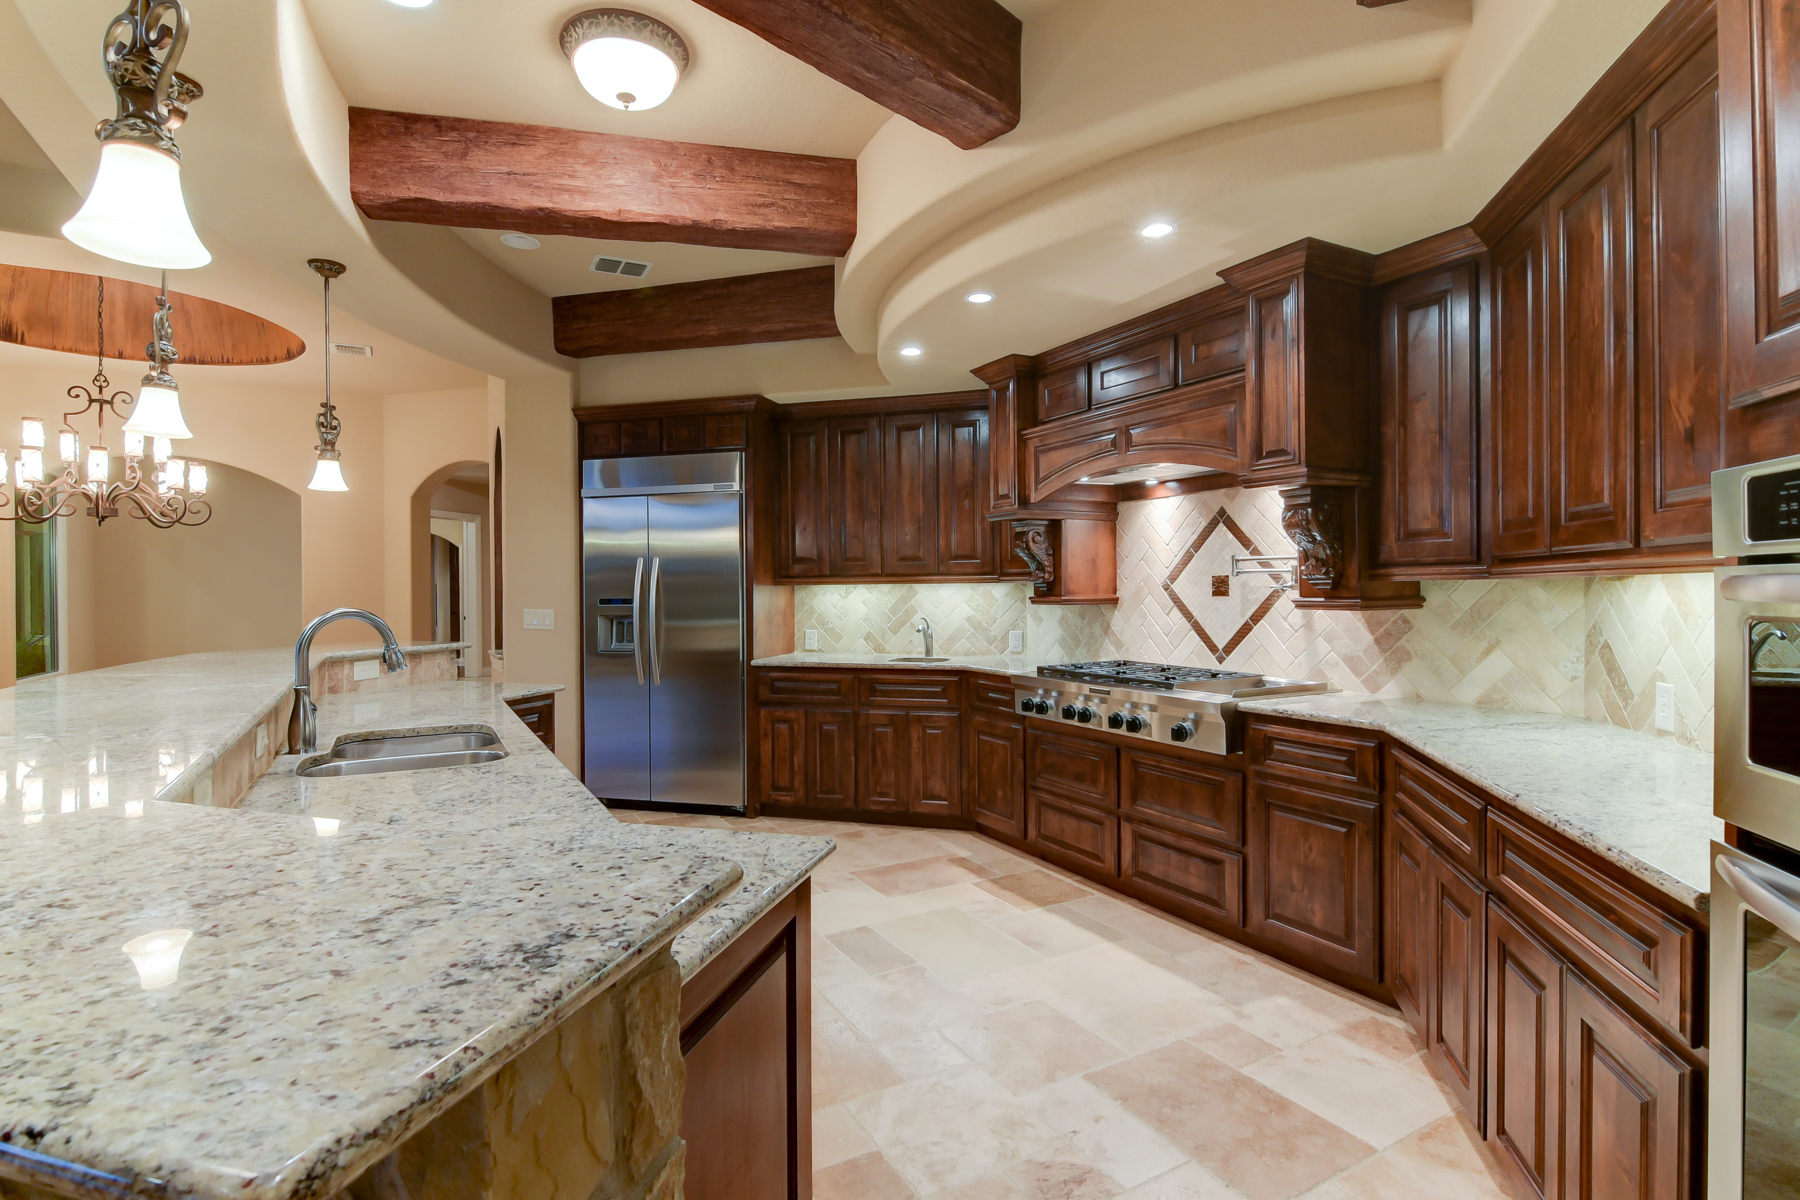 Additional photo for property listing at Gorgeous Estate in The Dominion 6 Paseo Rioja San Antonio, Texas 78257 Estados Unidos